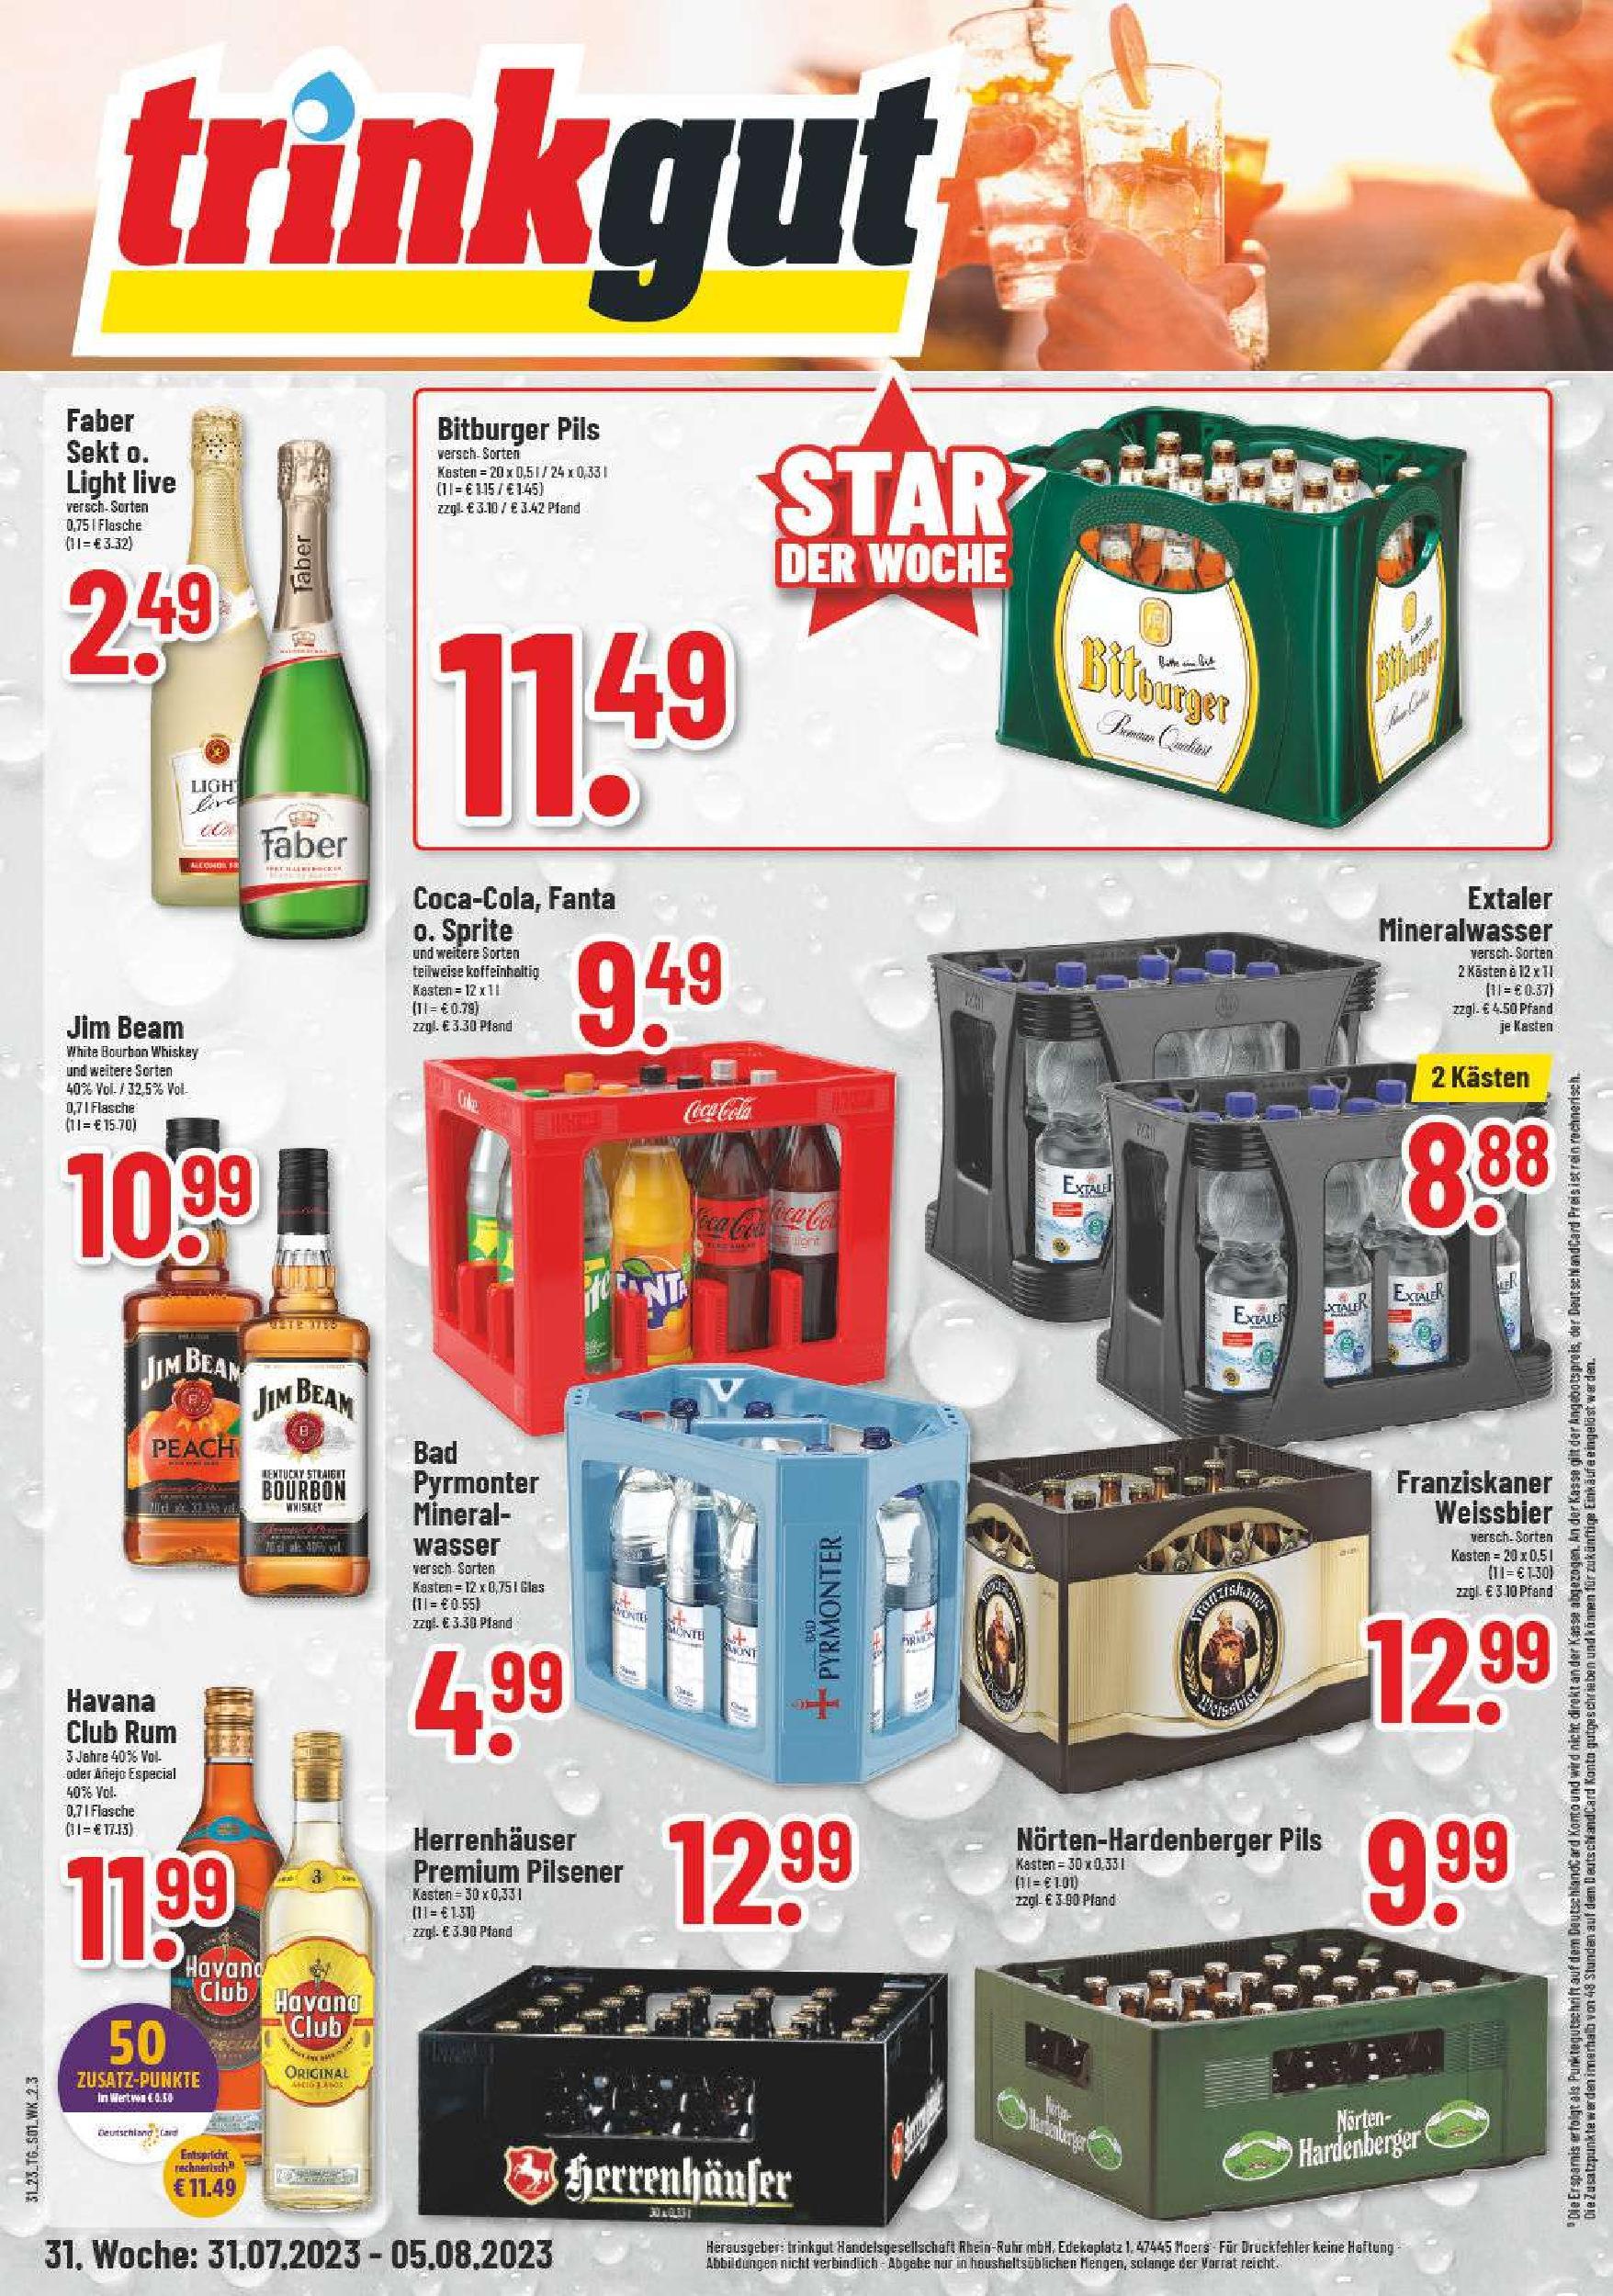 Ihr trinkgut Getränkemarkt Celle - Trinkgut Celle